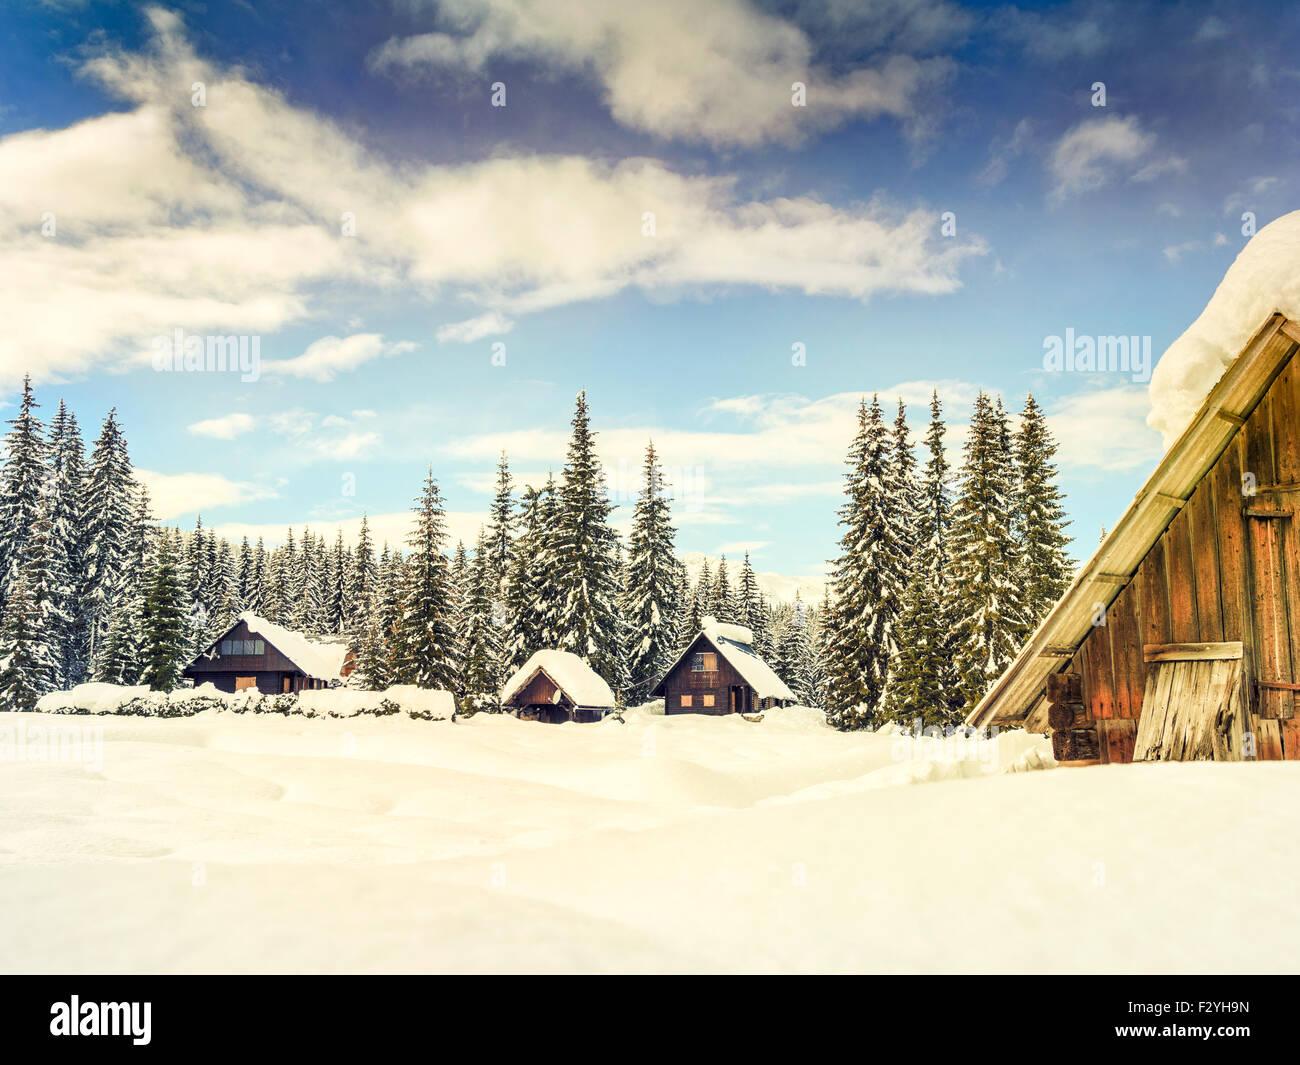 winter ferienhaus in slowenien alpen europa stockfoto bild 87887457 alamy. Black Bedroom Furniture Sets. Home Design Ideas